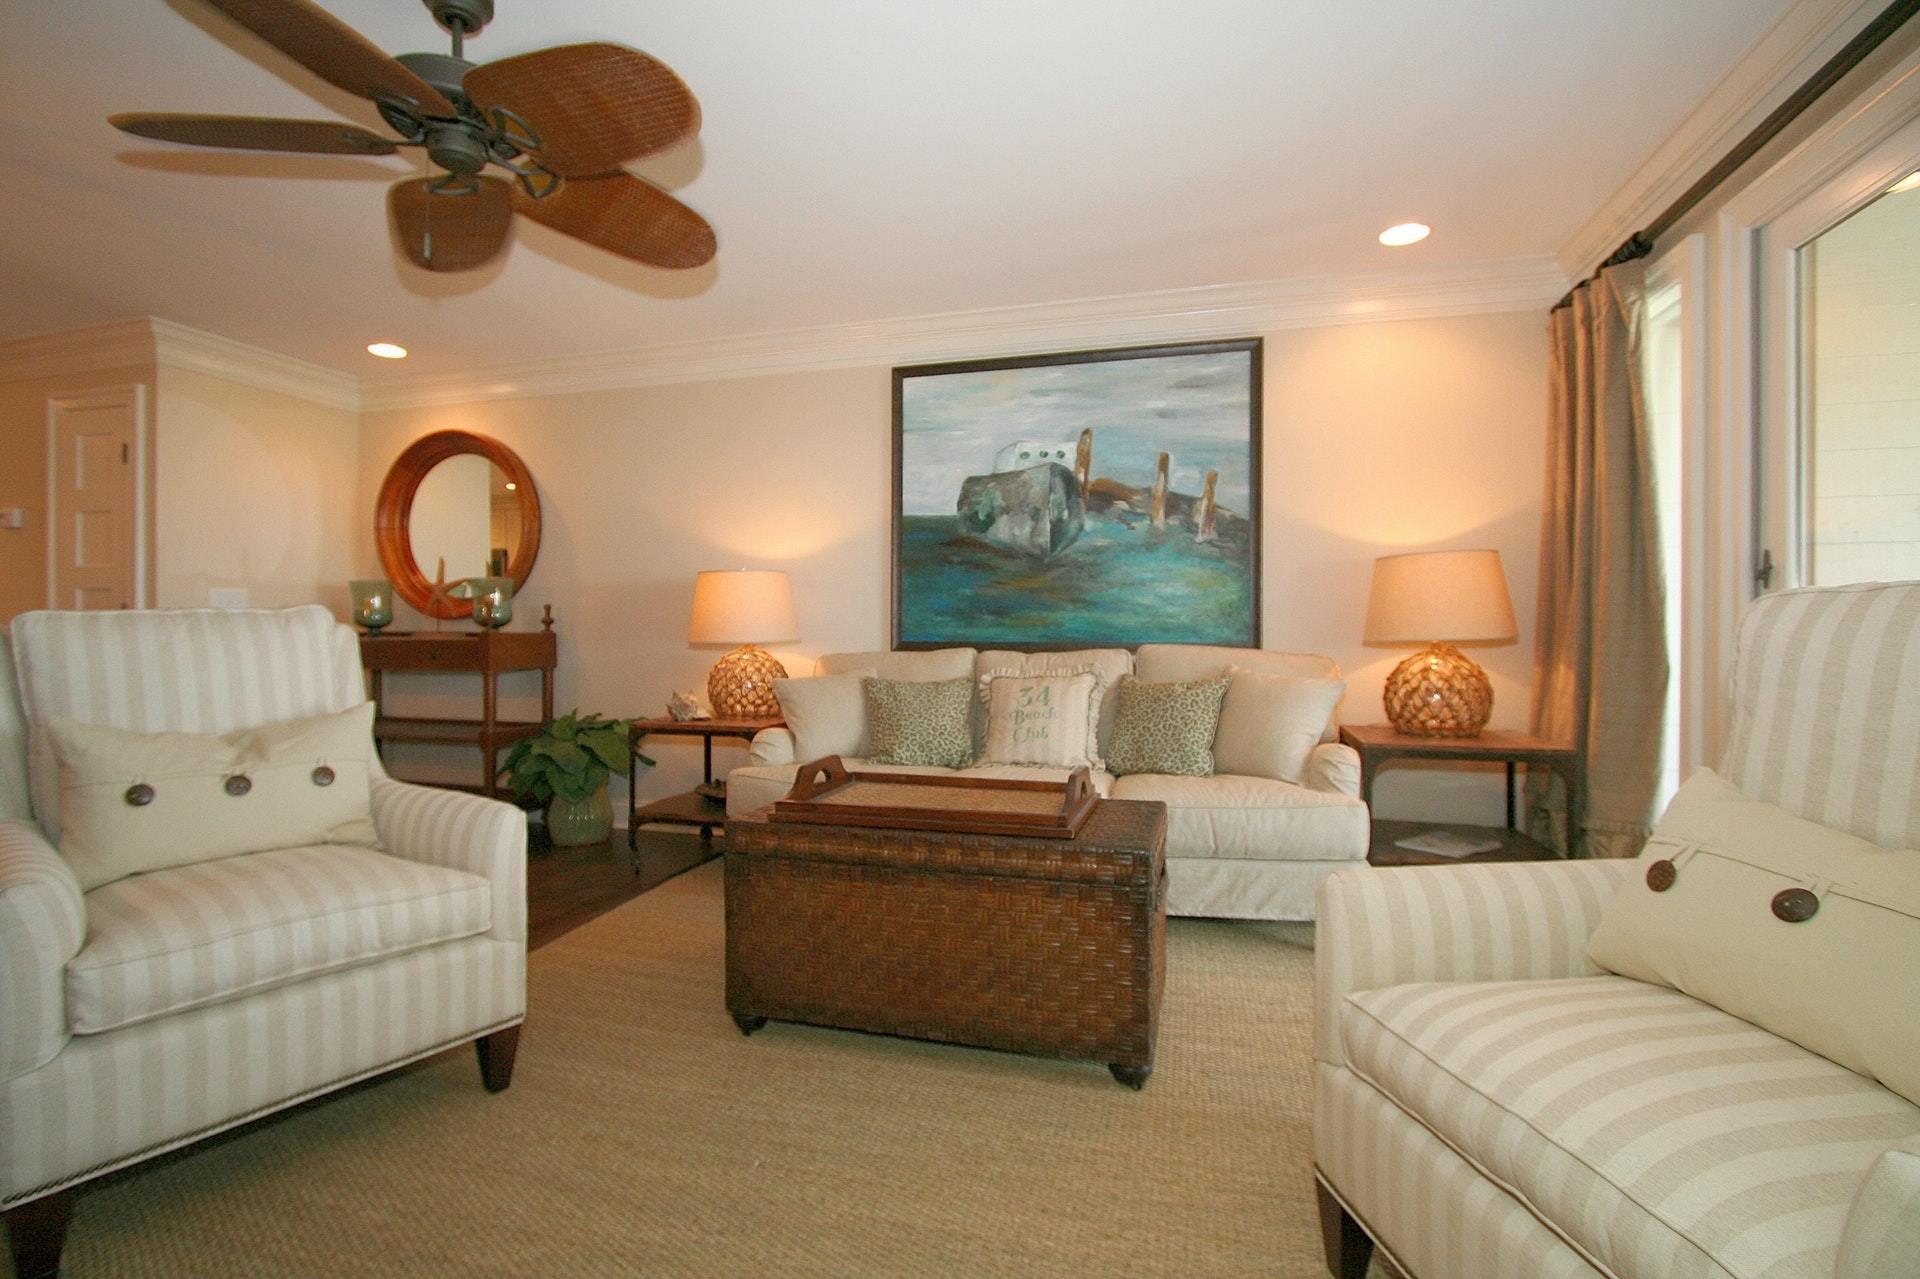 Beach Club Villas Homes For Sale - 34 Beach Club Villas, Isle of Palms, SC - 20